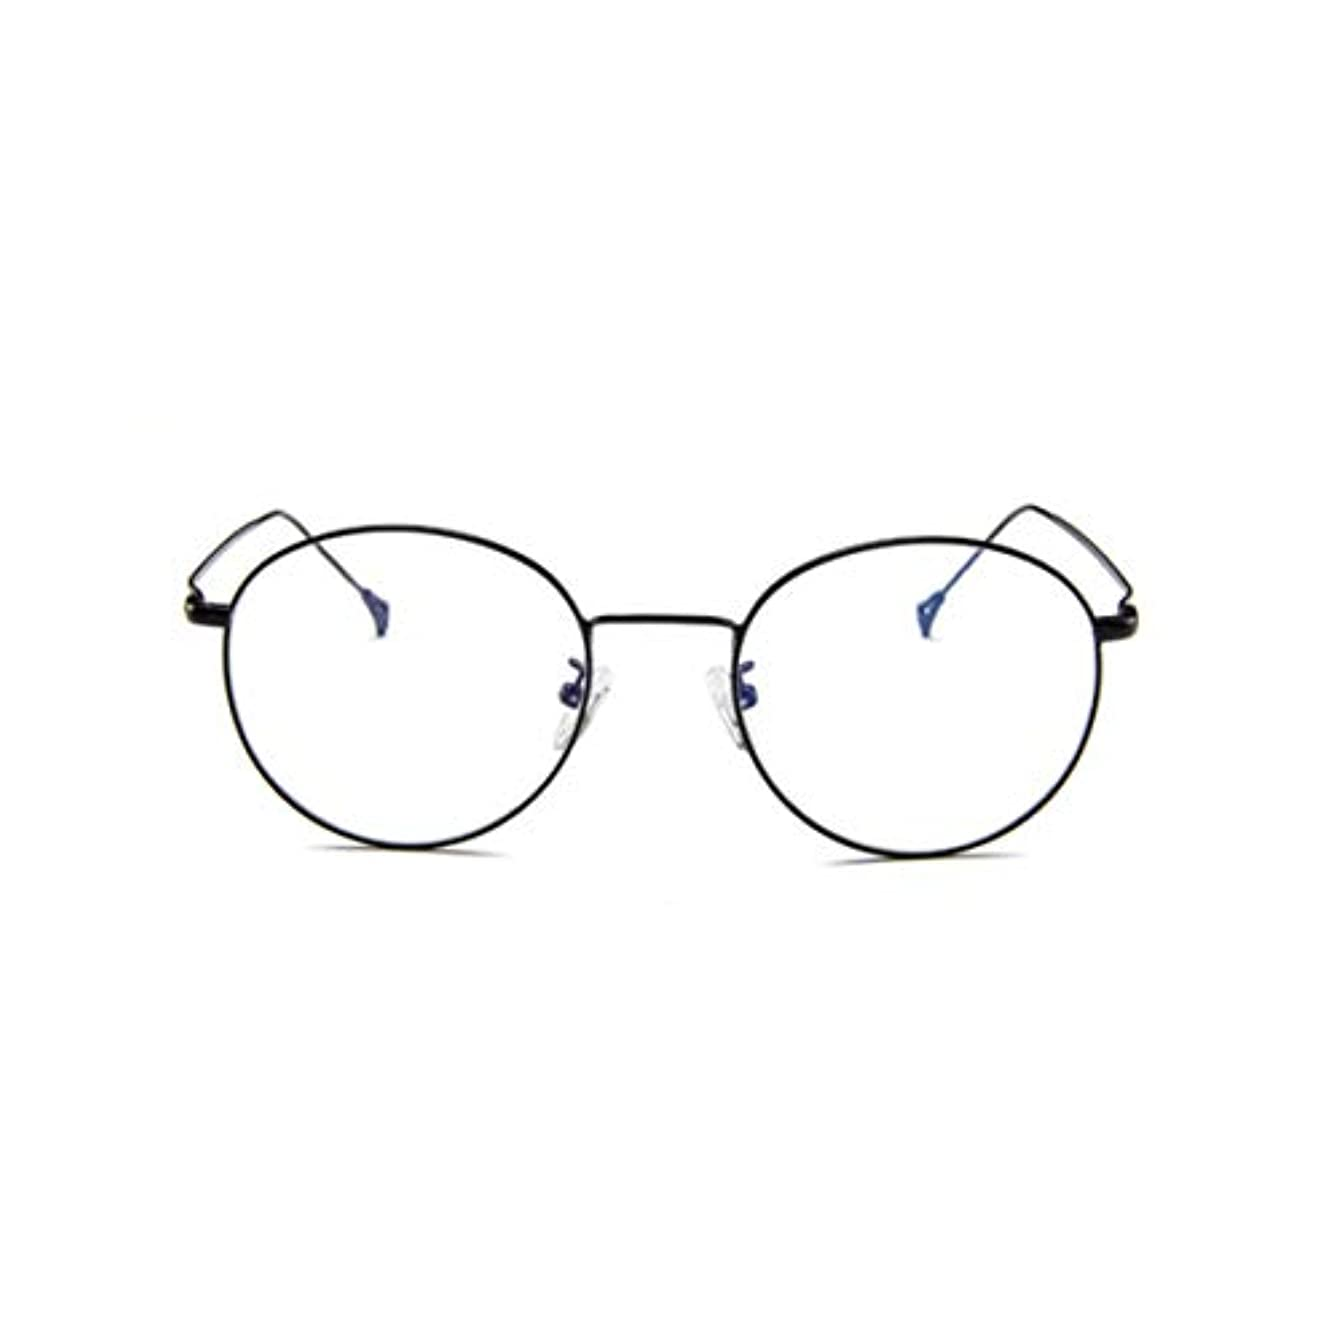 隠す大通り逆韓国のメガネフレームの男性と女性のレトロフラットメガネメタルトレンディメガネファッション近視メガネフレーム-ブラック